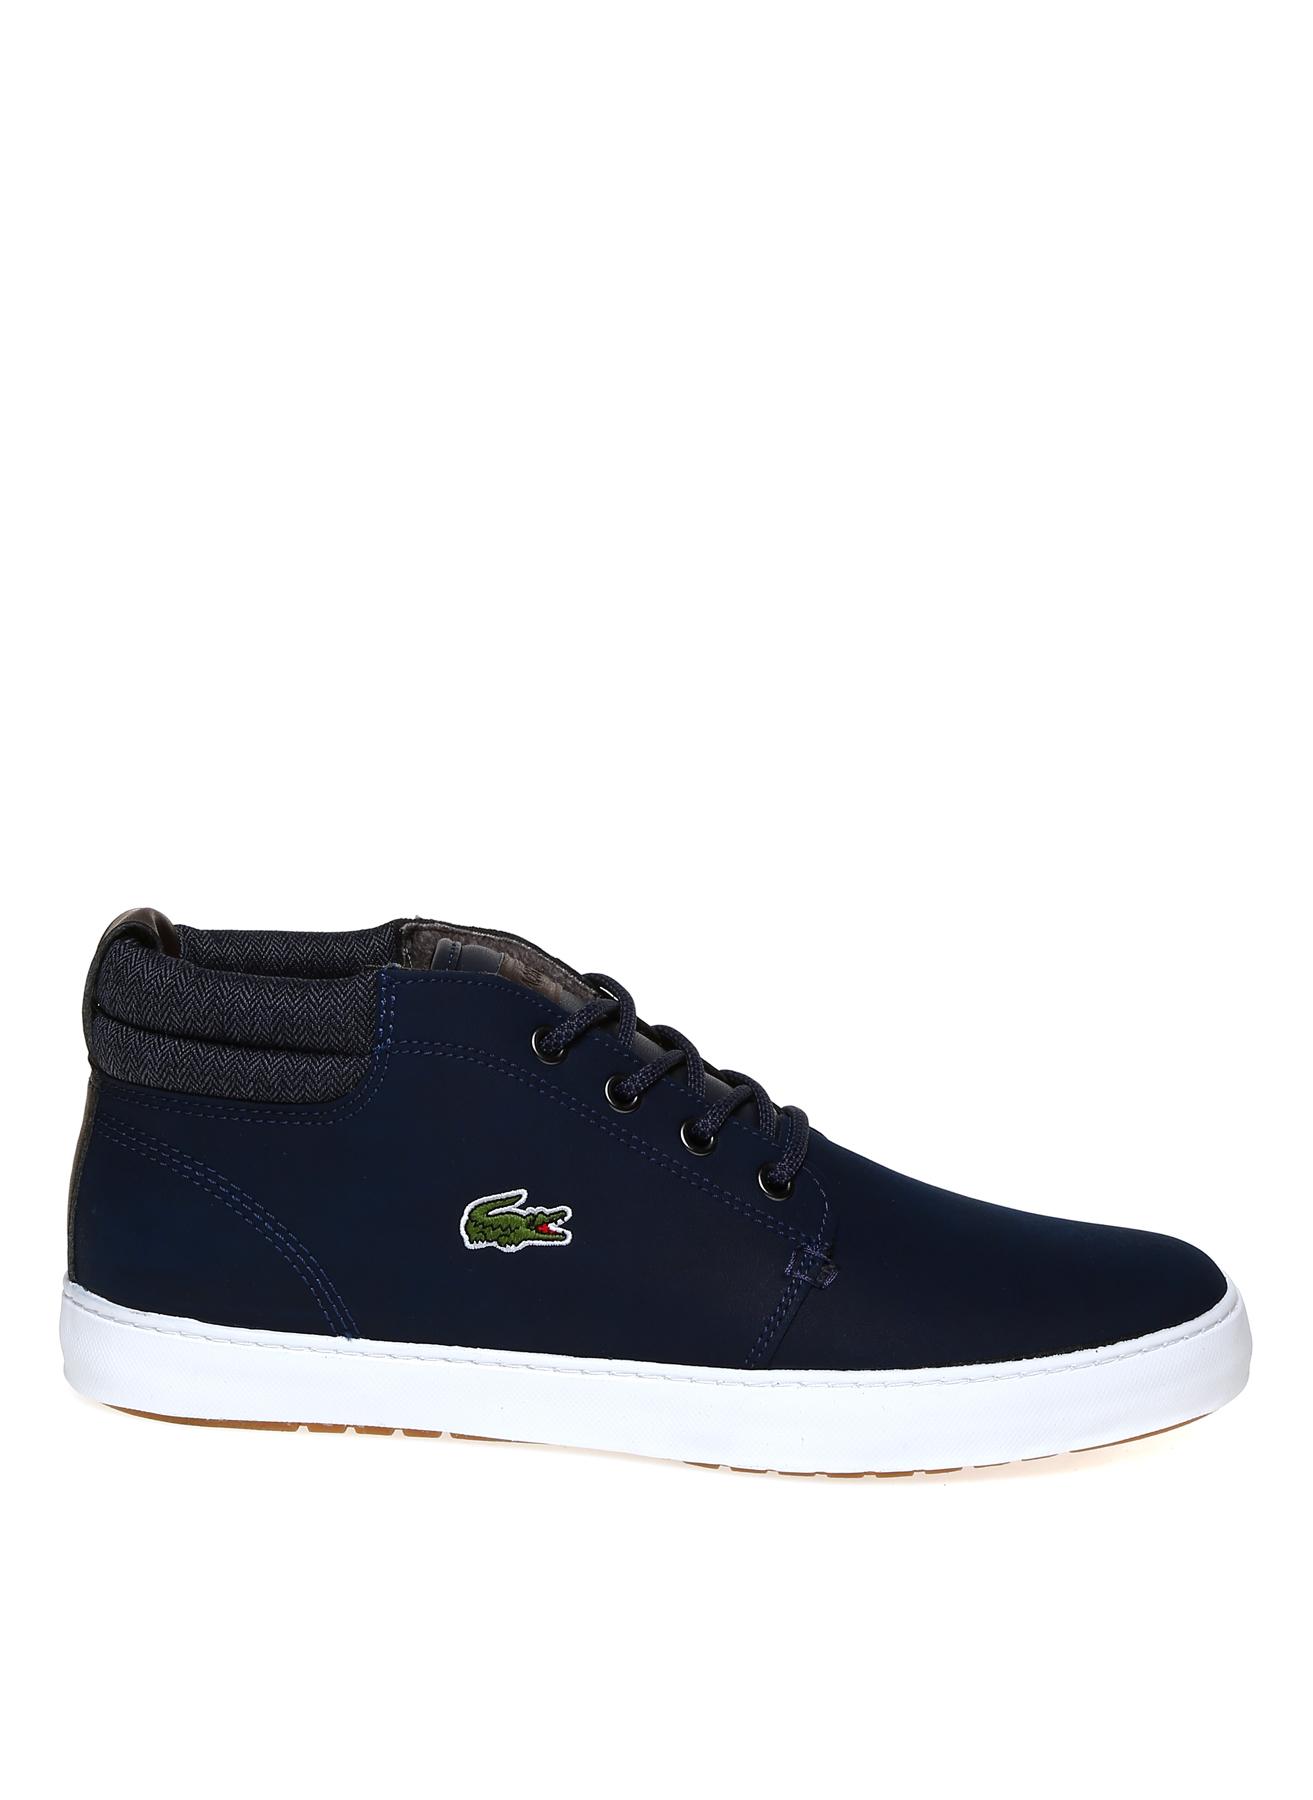 Lacoste Ampthil Terra Lacivert Lifestyle Ayakkabı 42 5002314221004 Ürün Resmi